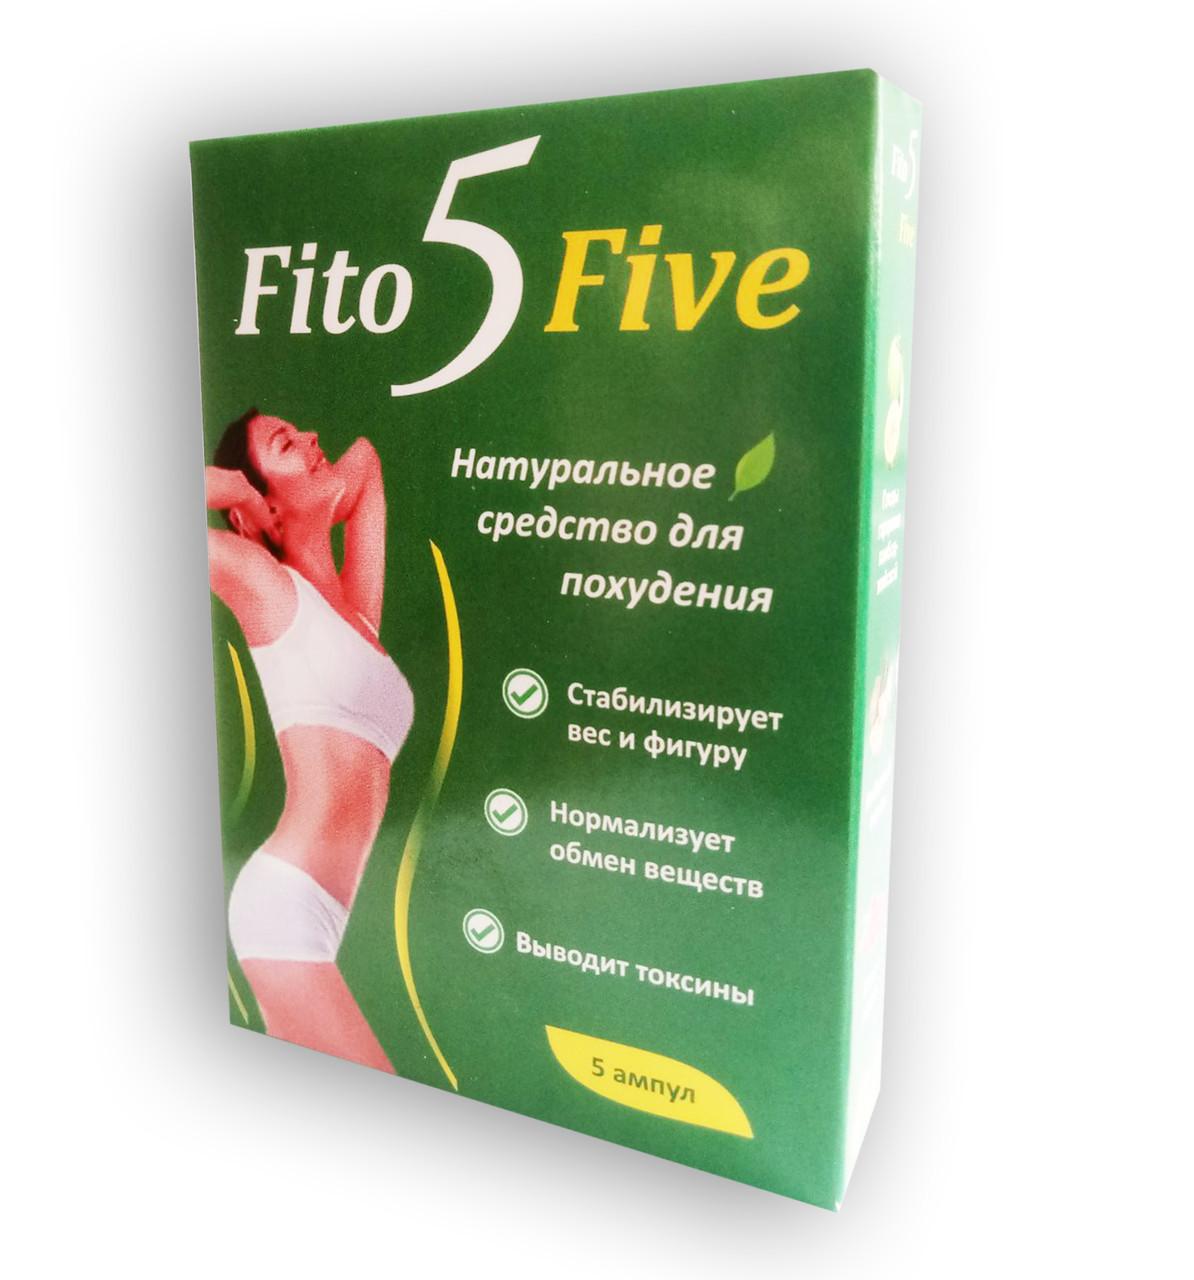 FitoFive - Натуральное средство для похудения (ФитоФайв) #E/N